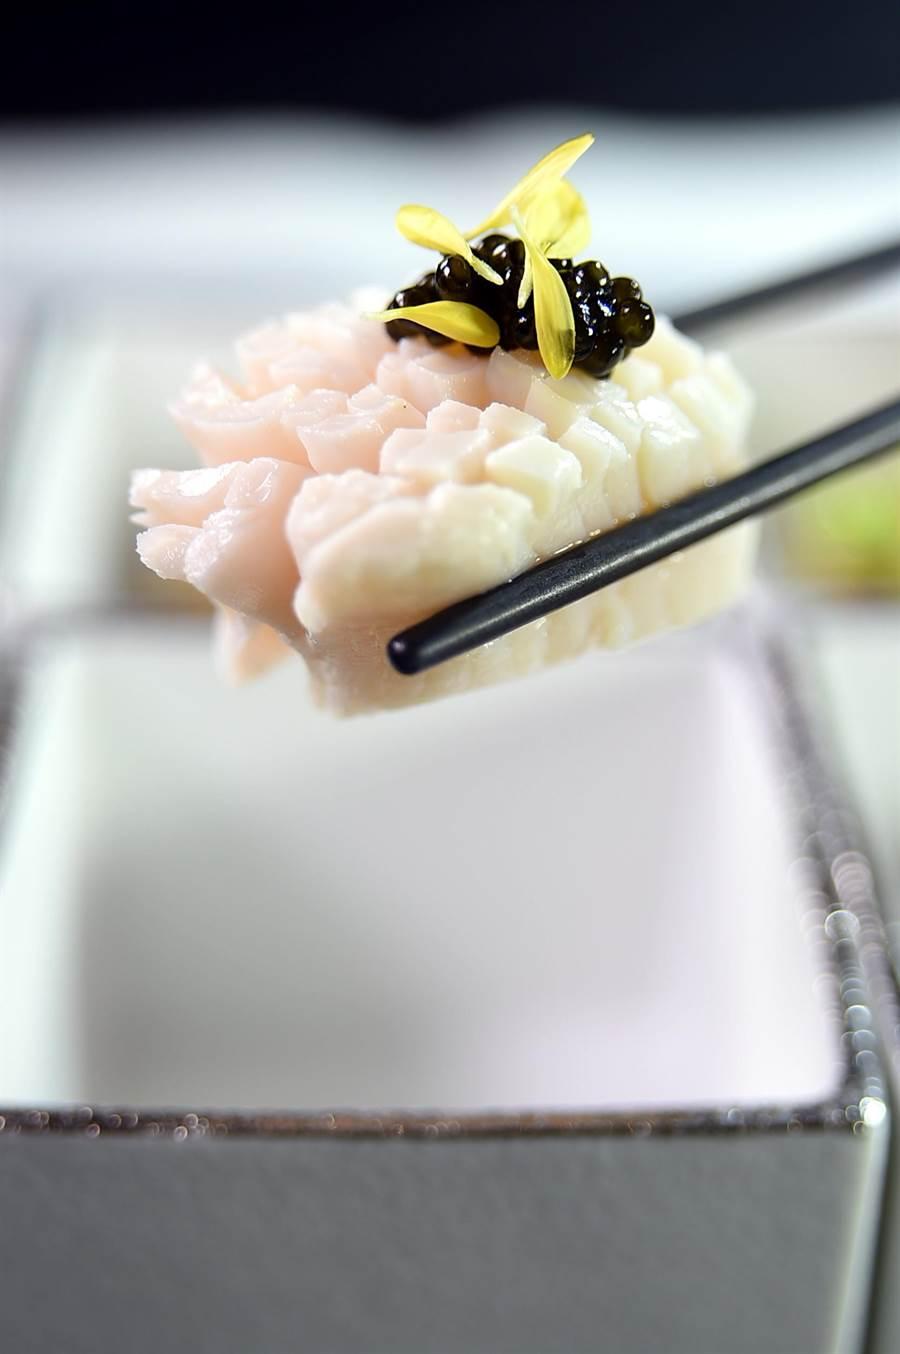 新鮮干貝用高湯煨過後與魚子醬搭配,〈天香樓〉全新套餐中的開胃小菜跨演繹美味。(圖/姚舜)